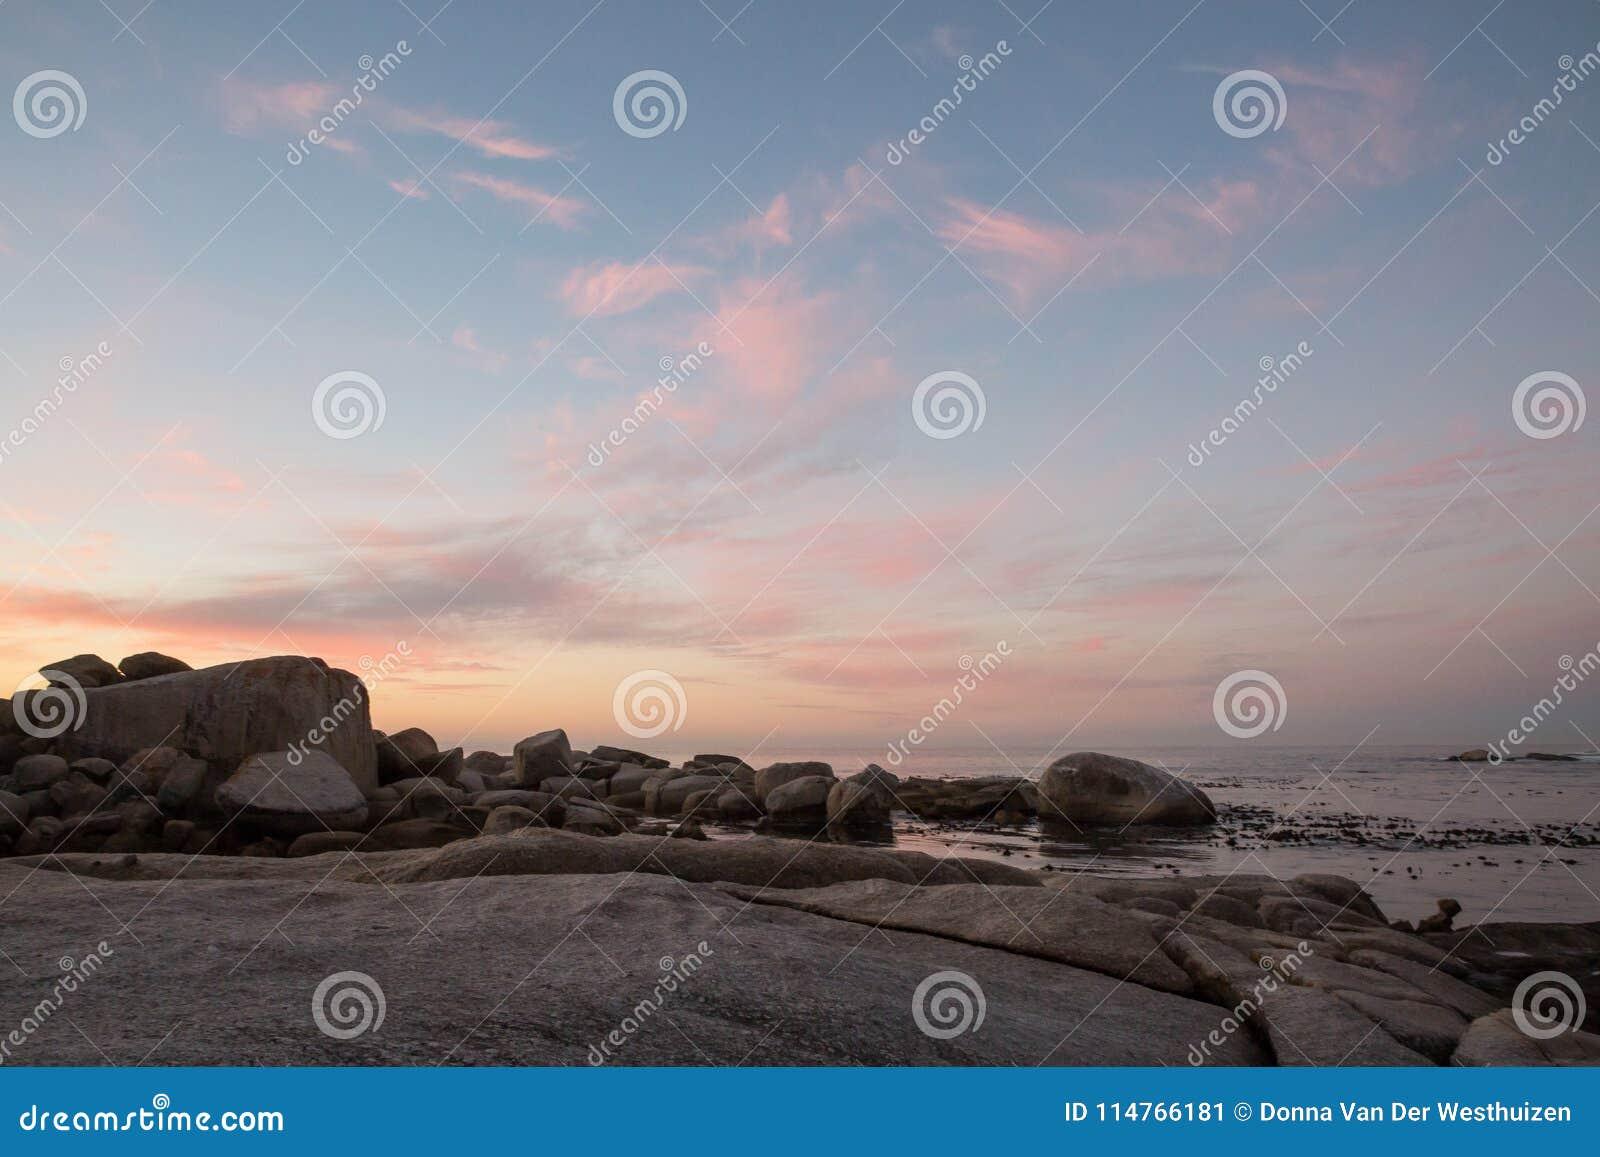 De vormingen van de kleurenwolk bij zonsondergang over het water